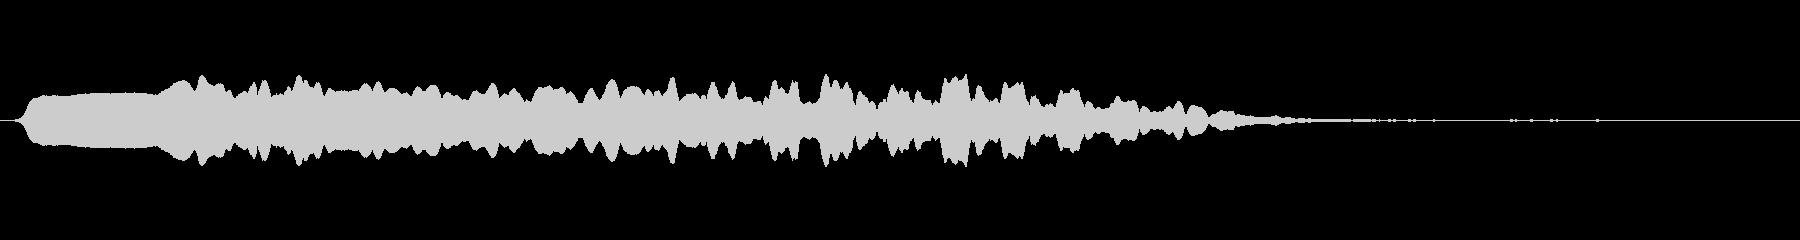 生演奏による尺八一吹き2の未再生の波形